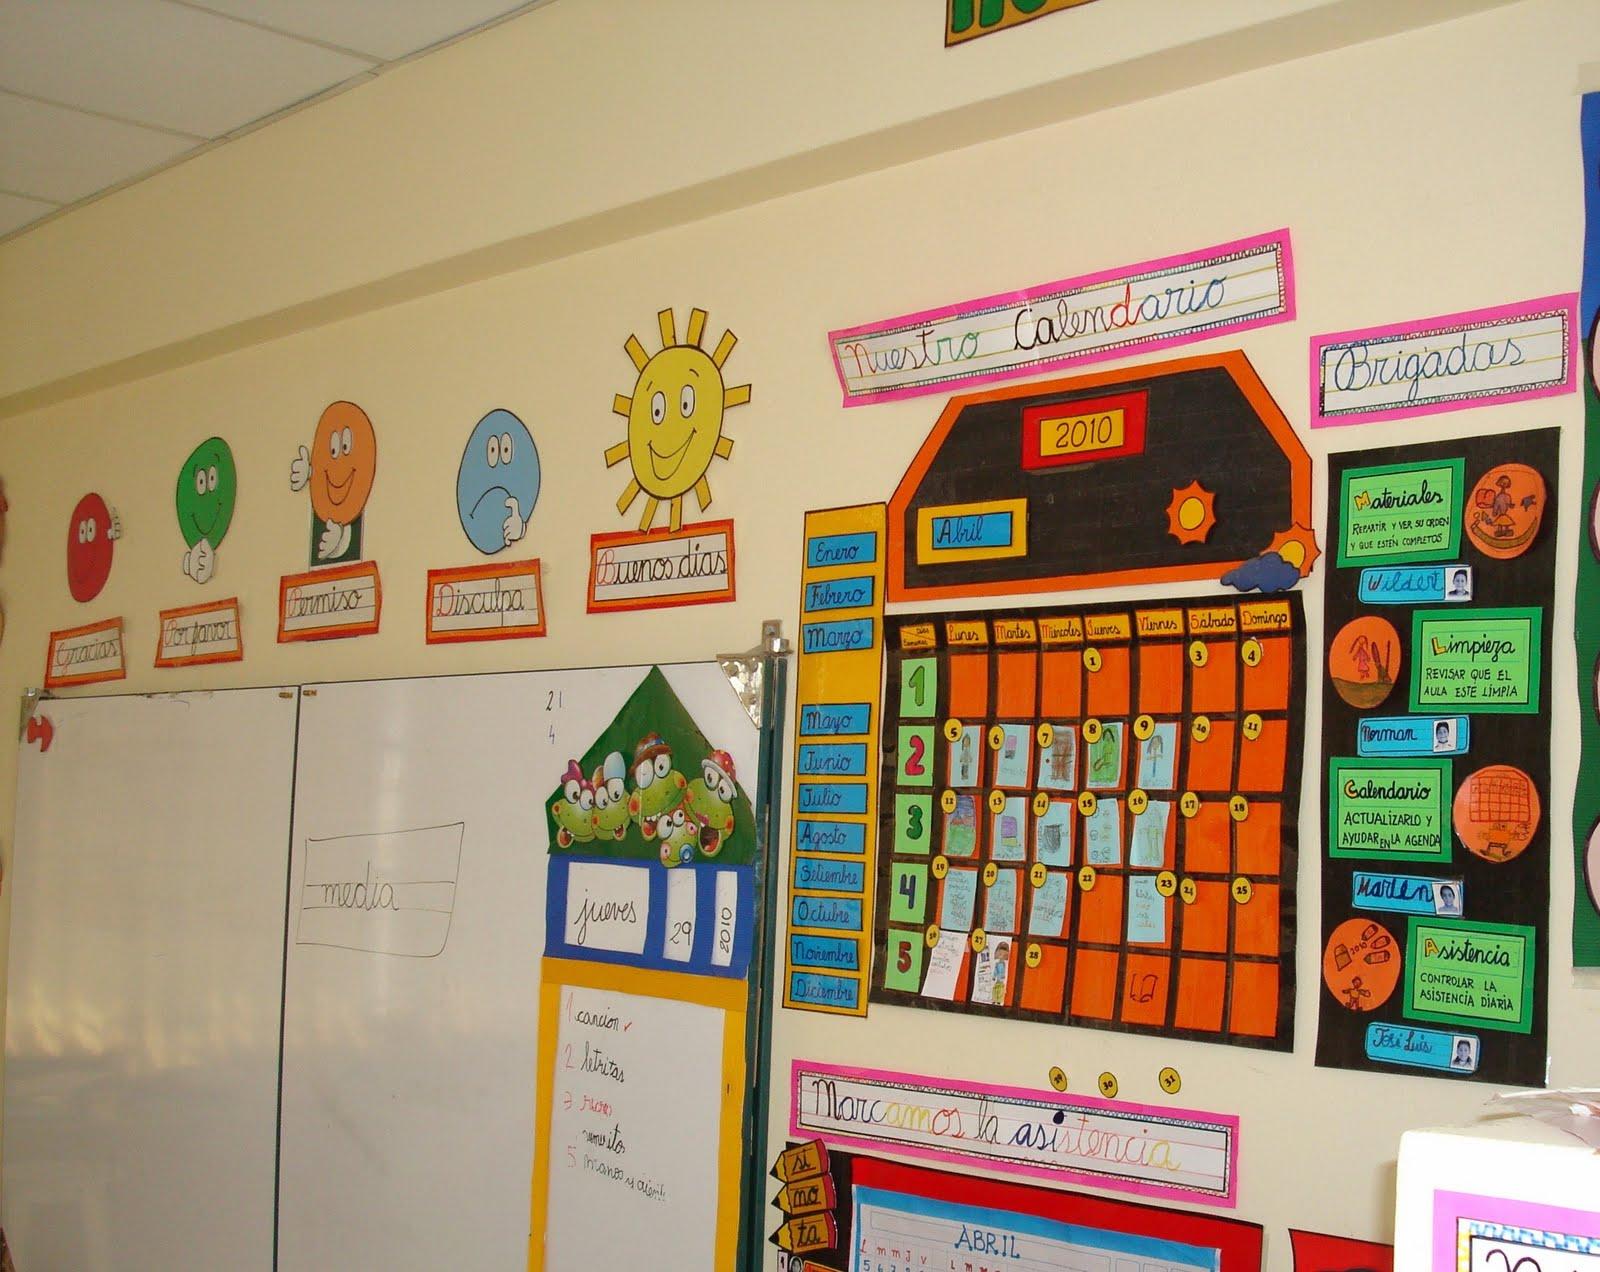 Educando con amor decoracion del aula for Decoracion de grado